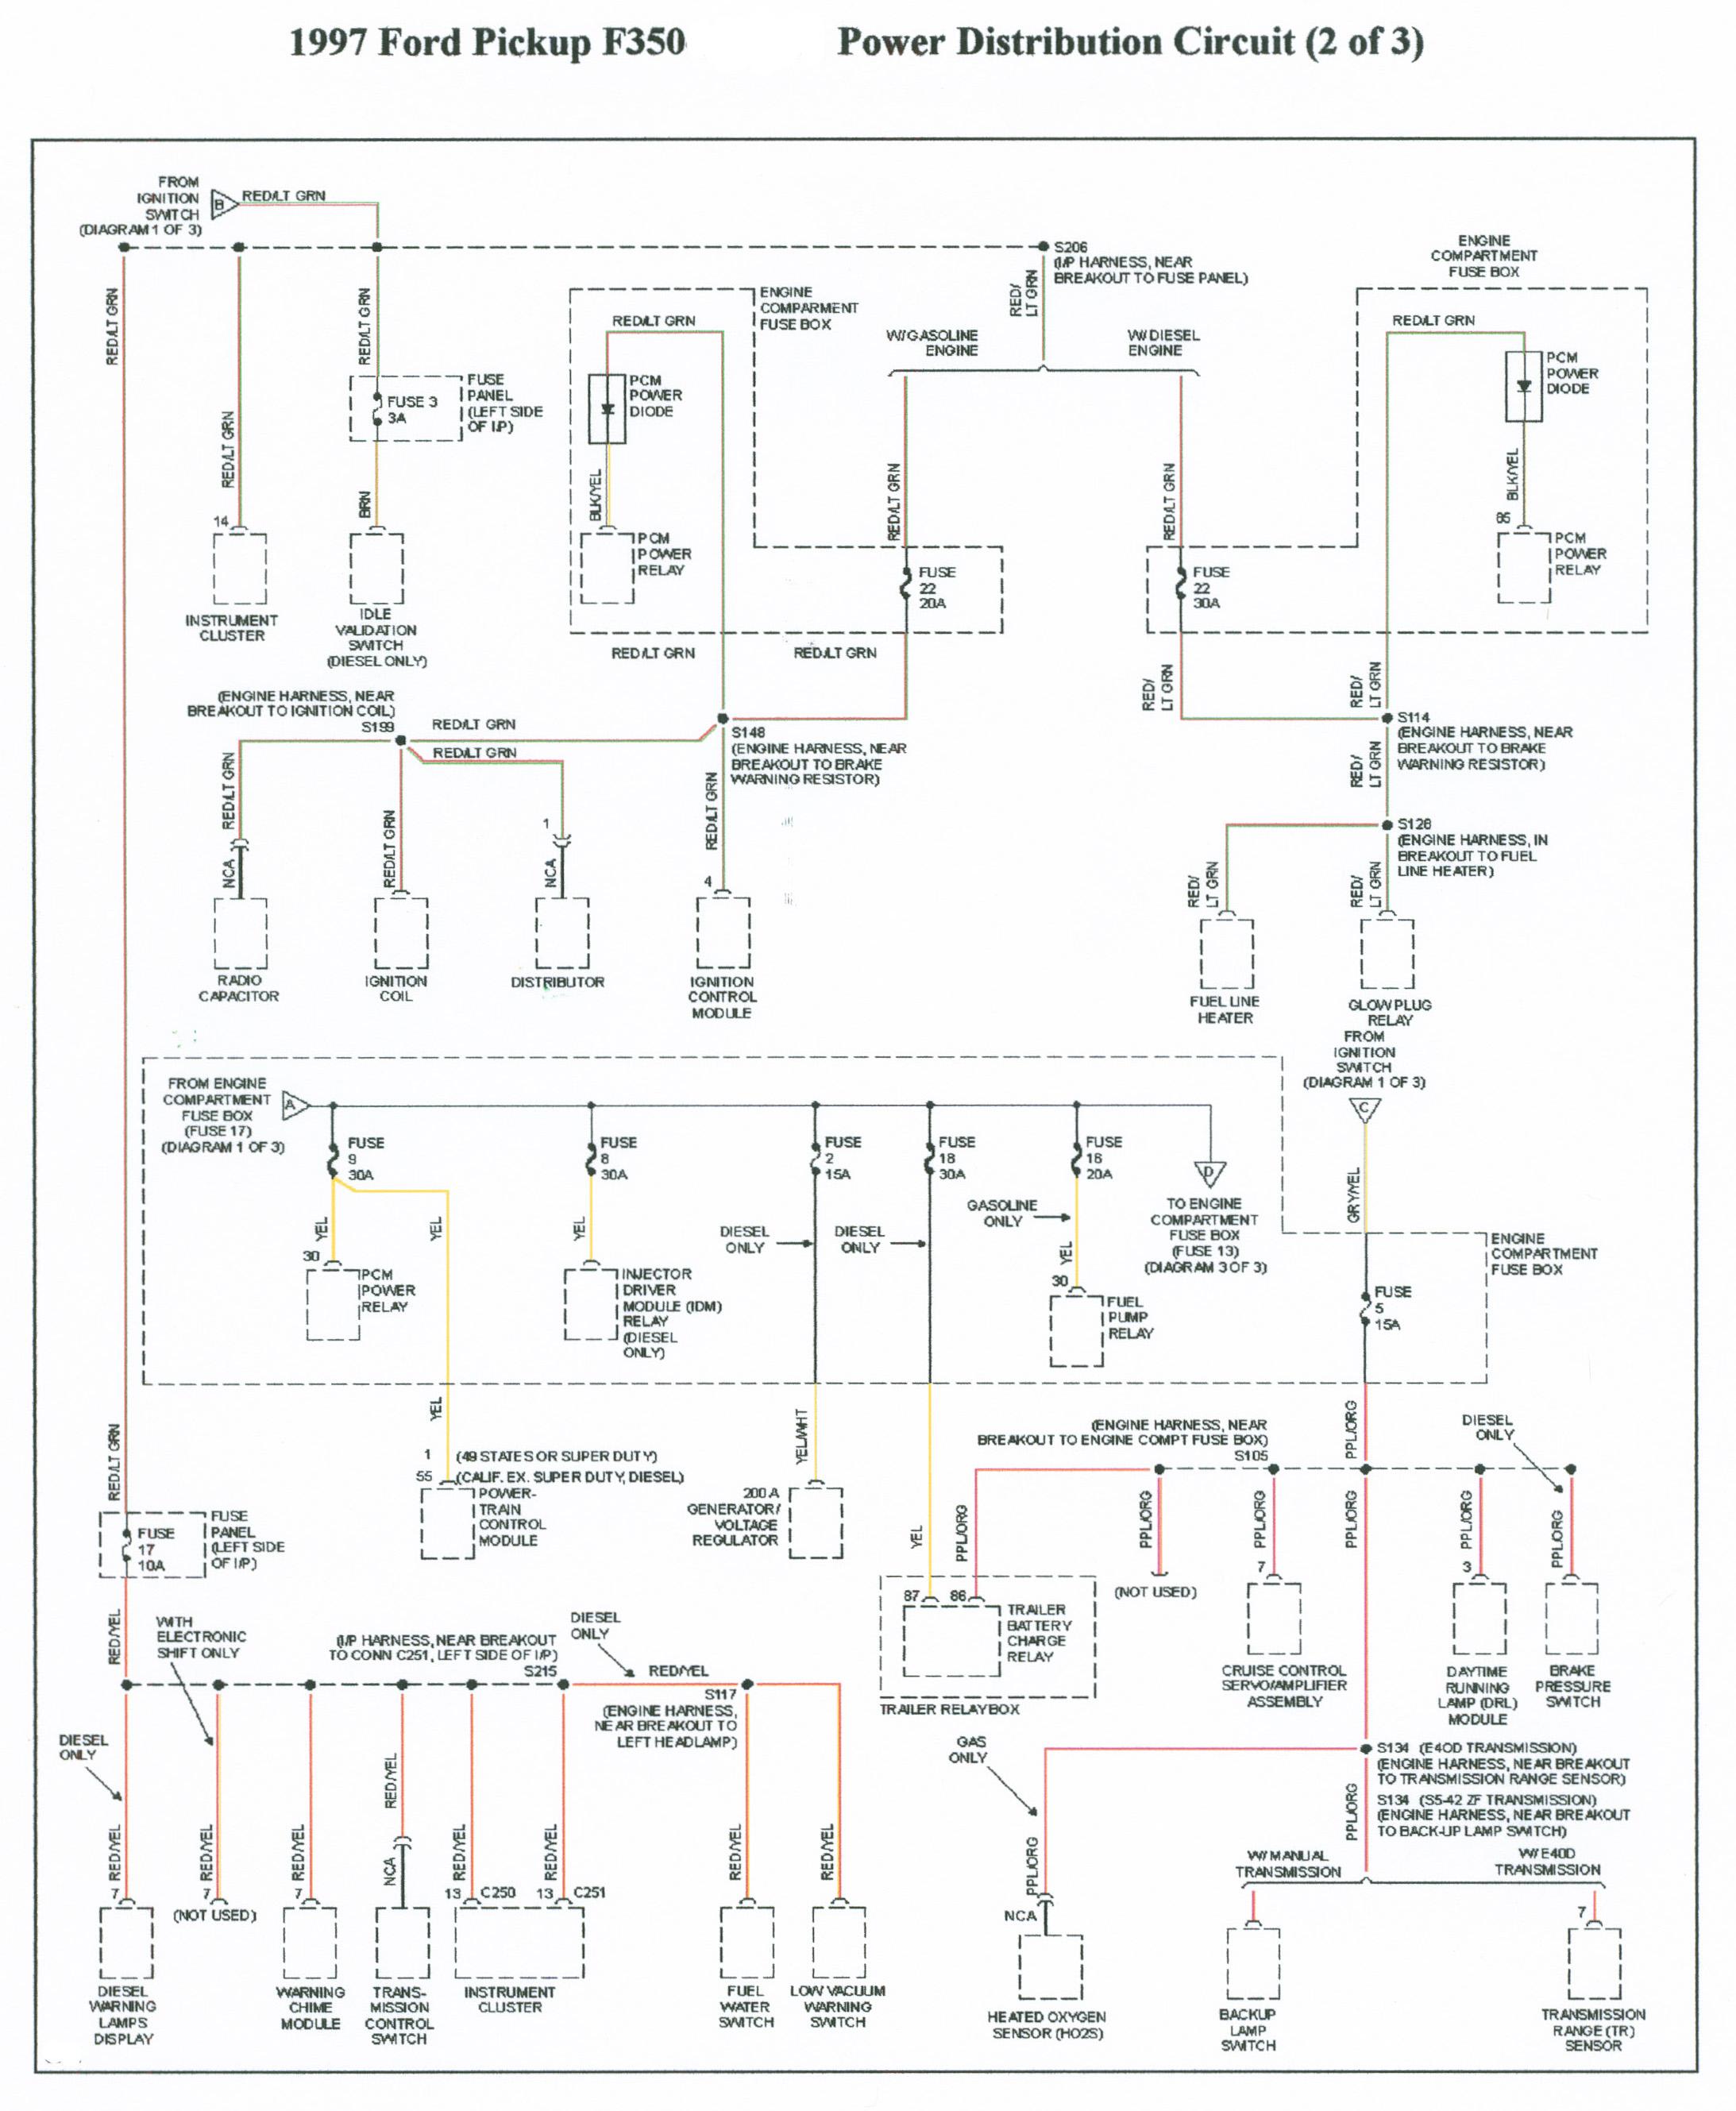 [FPWZ_2684]  no wait to start light | Ford Power Stroke Nation | 97 Powerstroke Glow Plug Wiring Diagram |  | Ford Power Stroke Nation